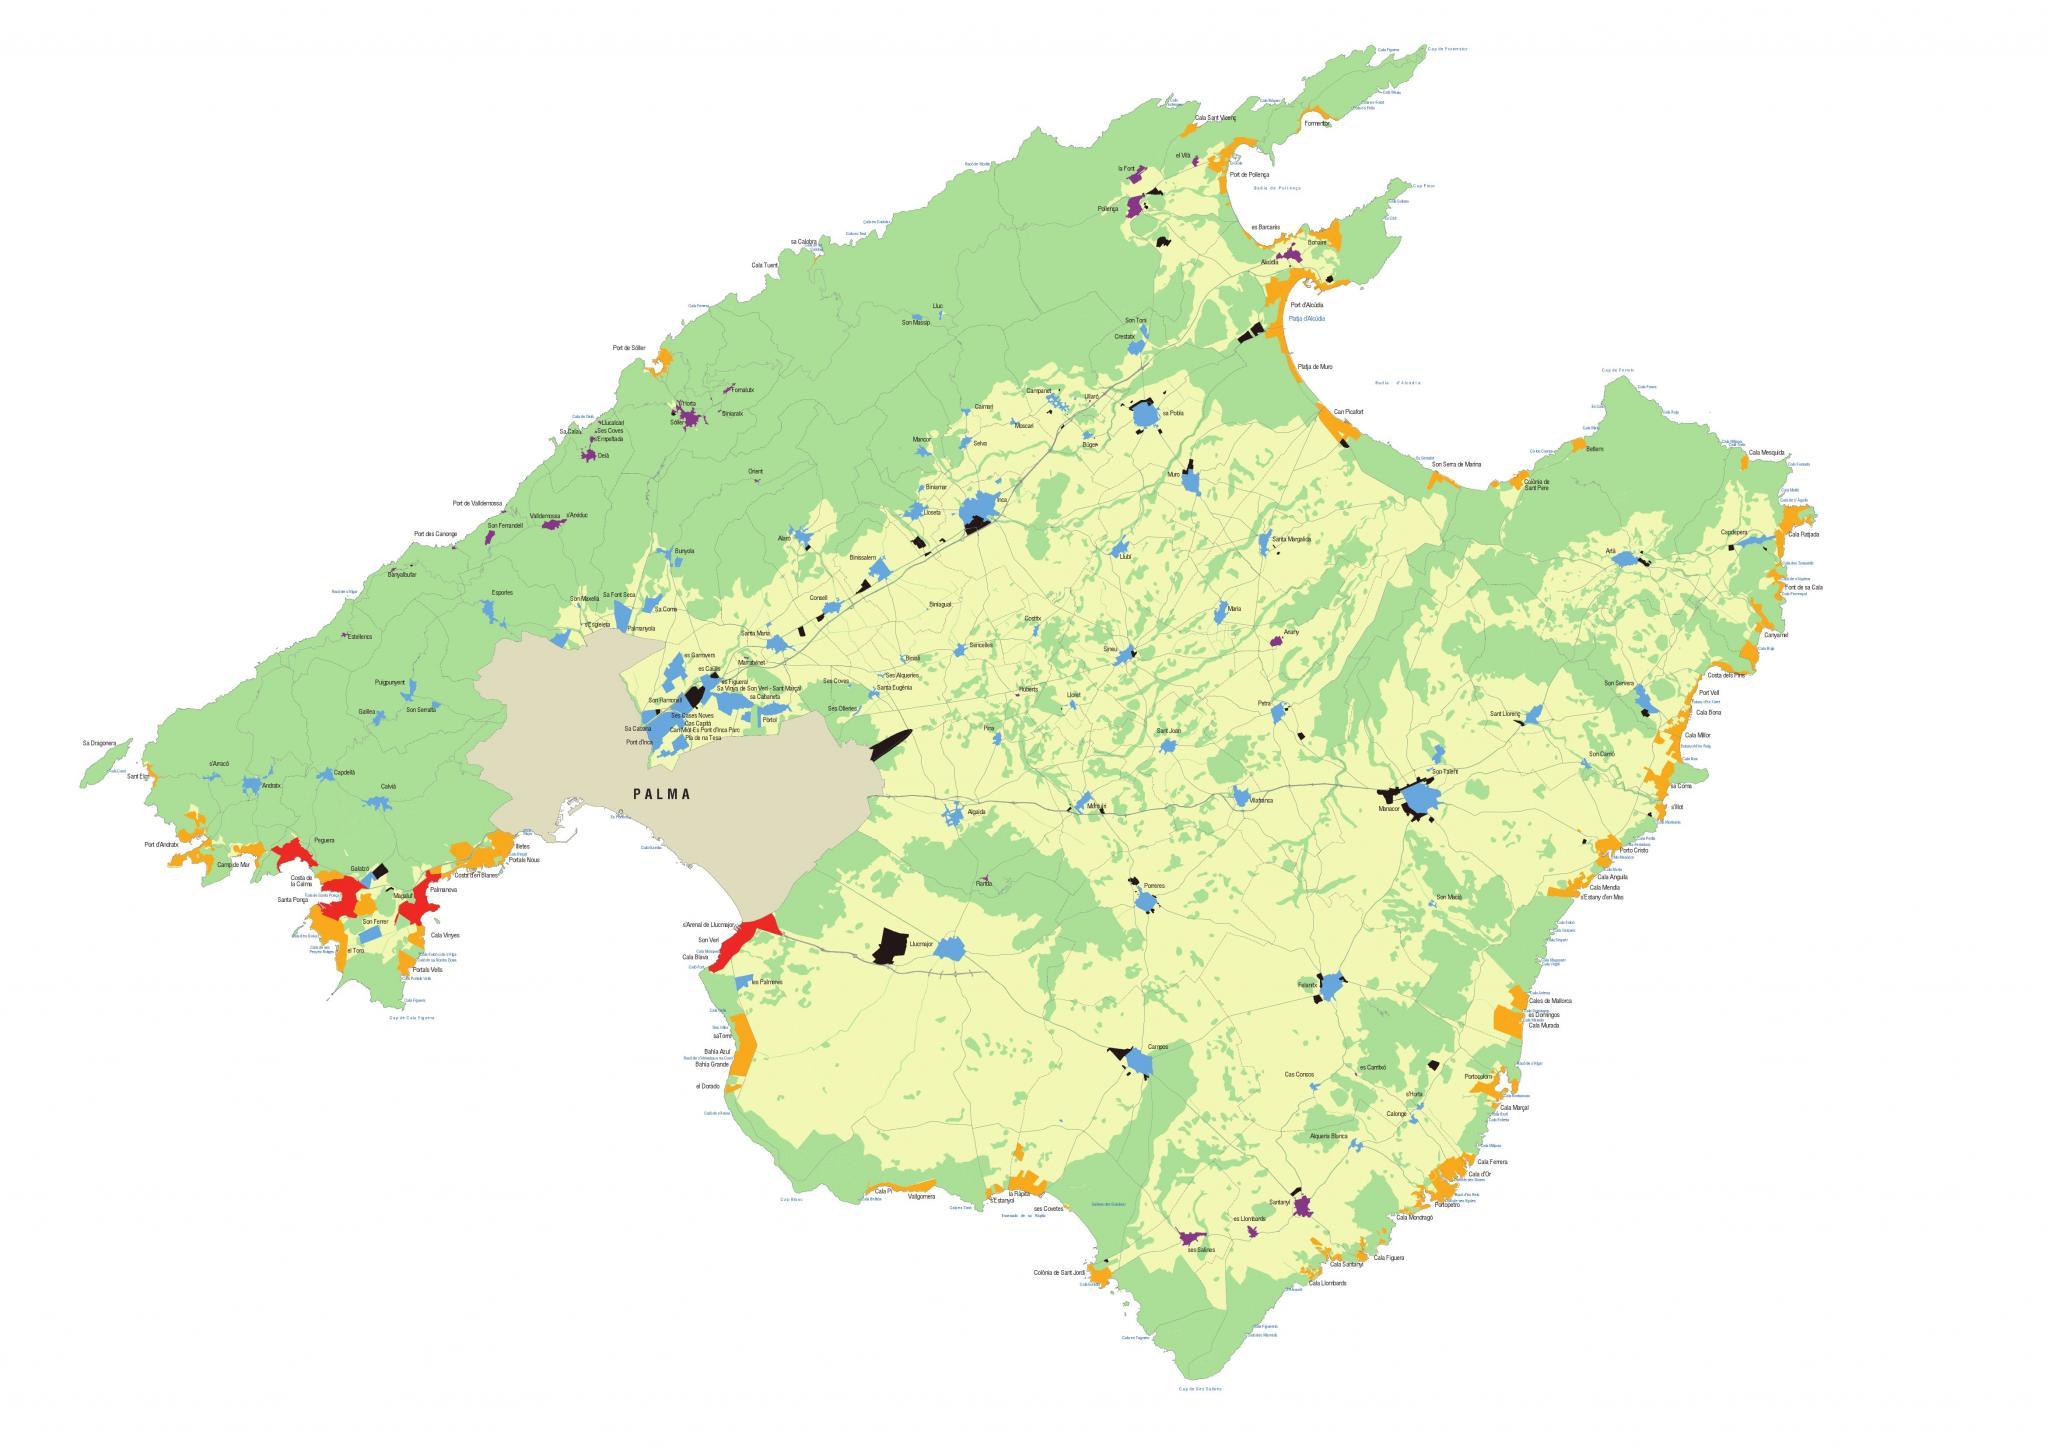 Mallorca Karte Paguera.Ferienvermietung Das Sind Die Sieben Zonen Für Mallorca